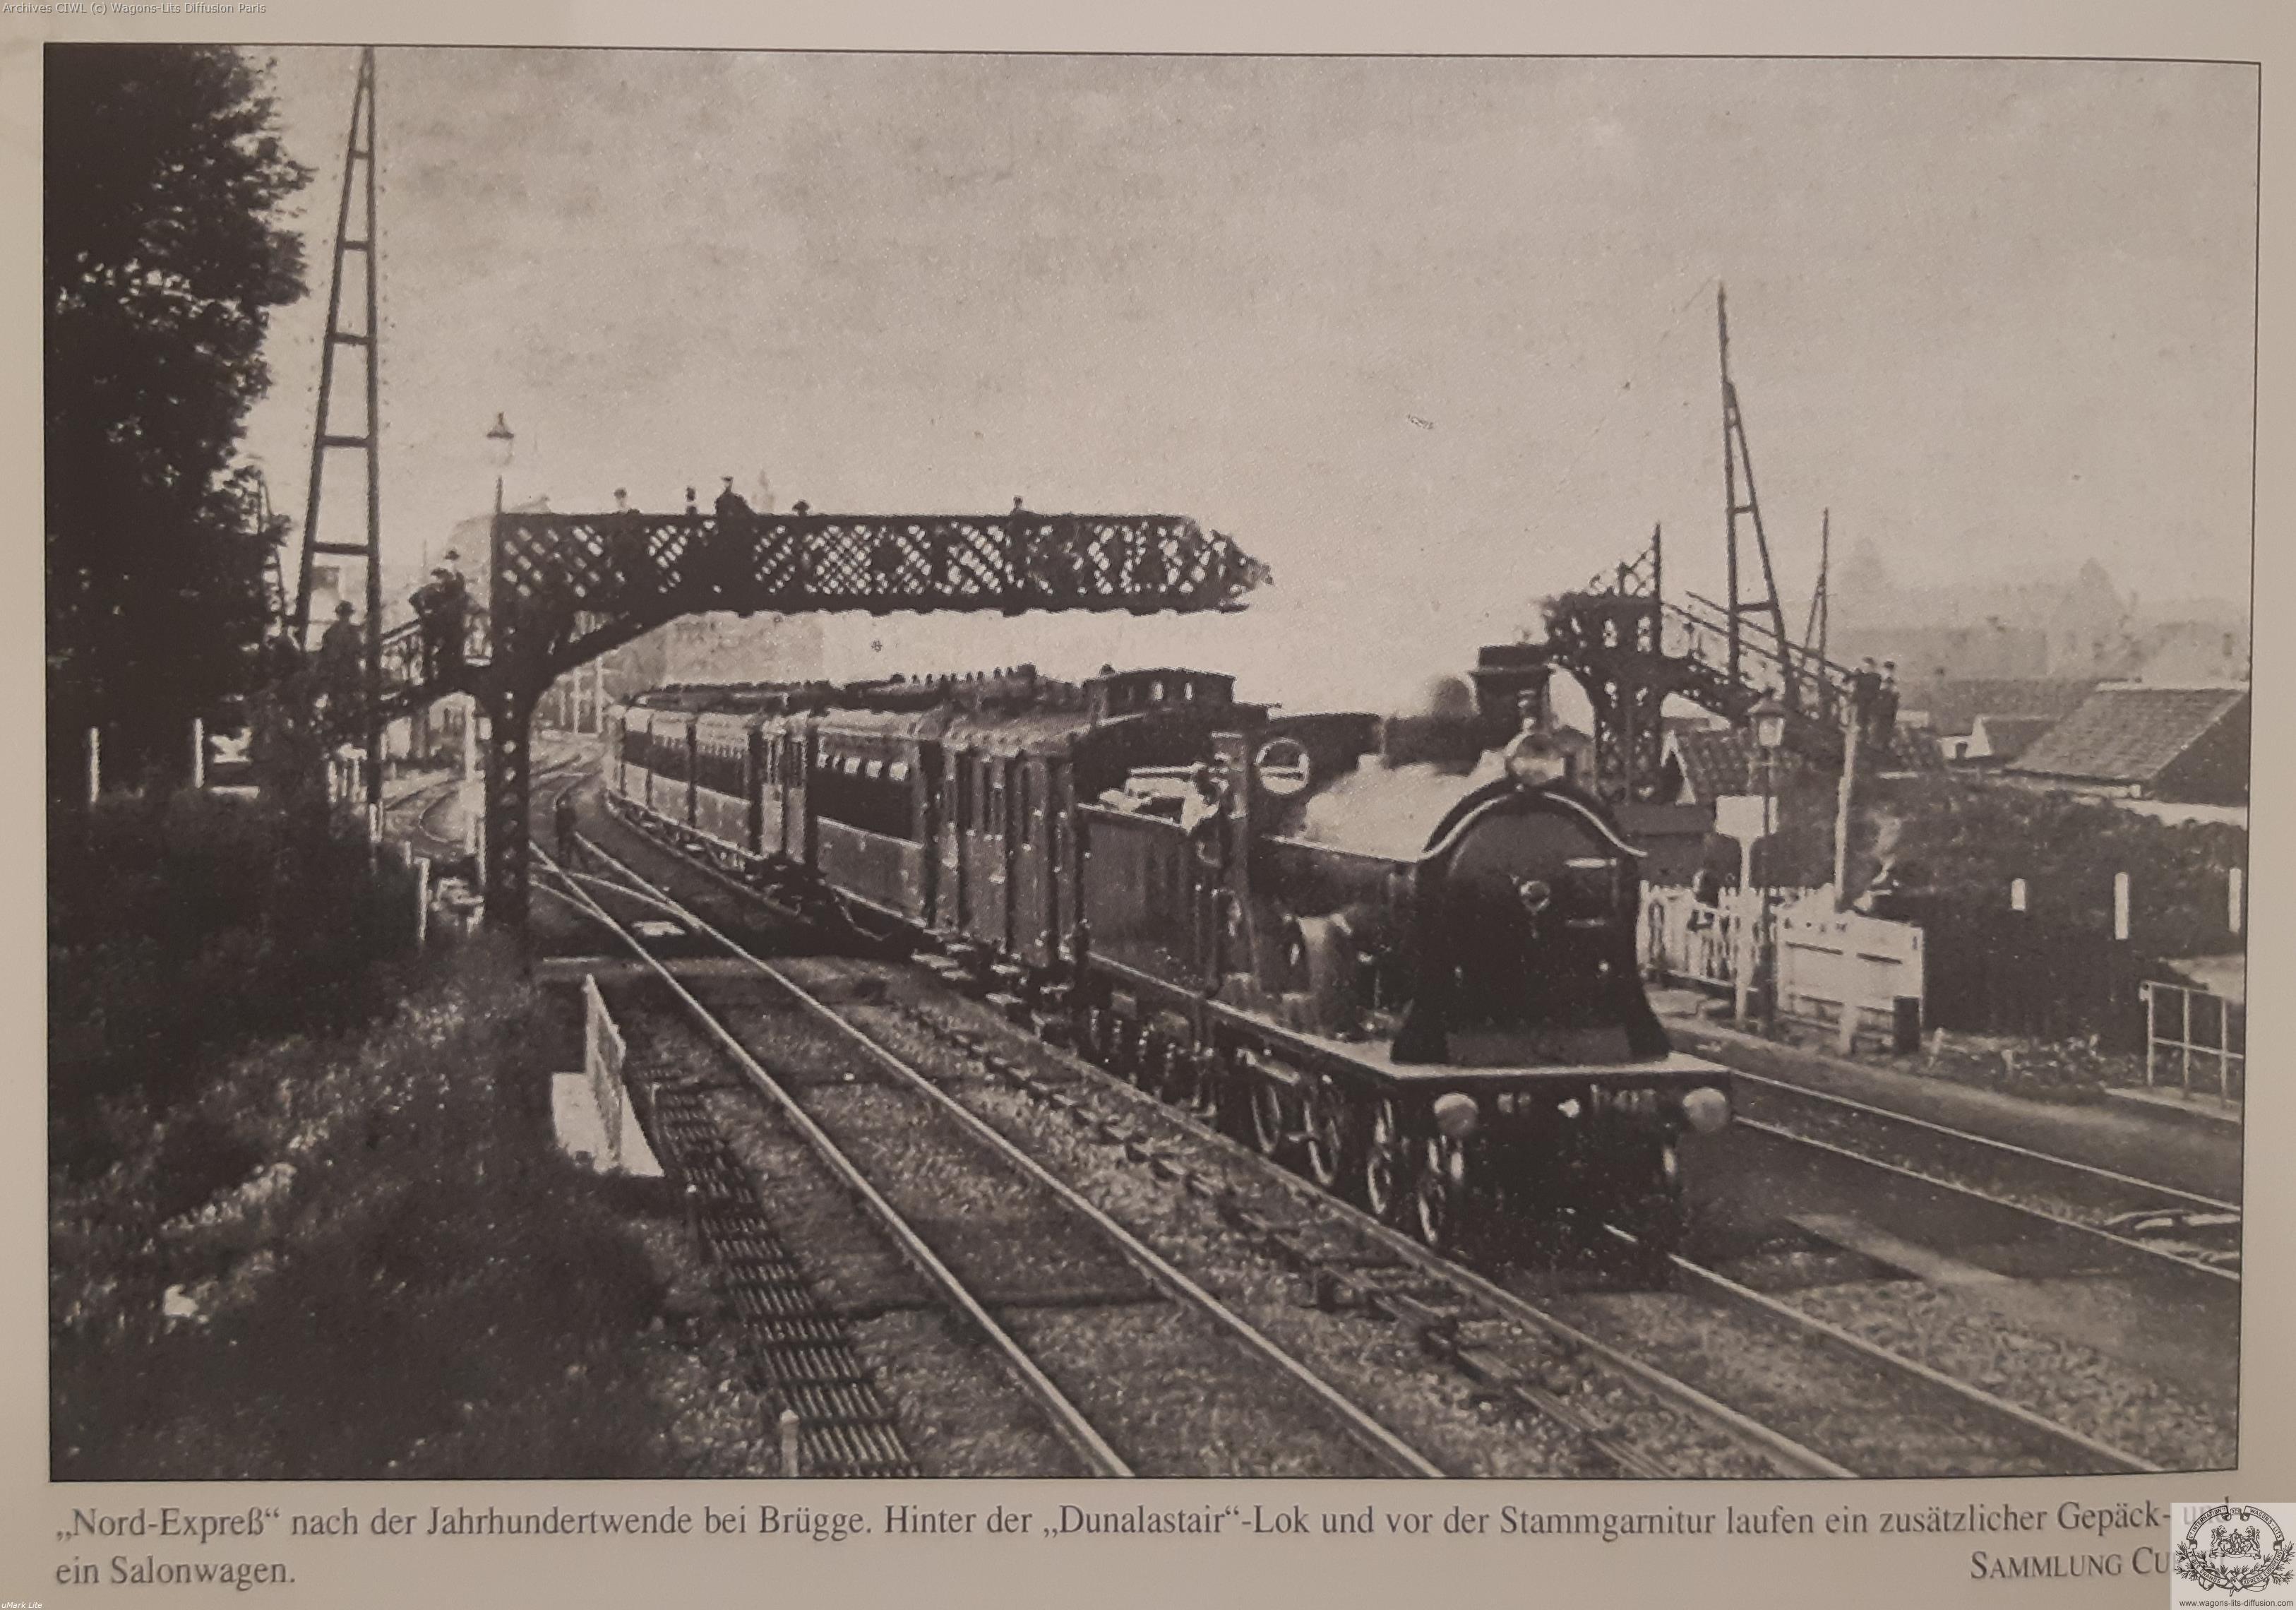 Wl nord express bruge 1898